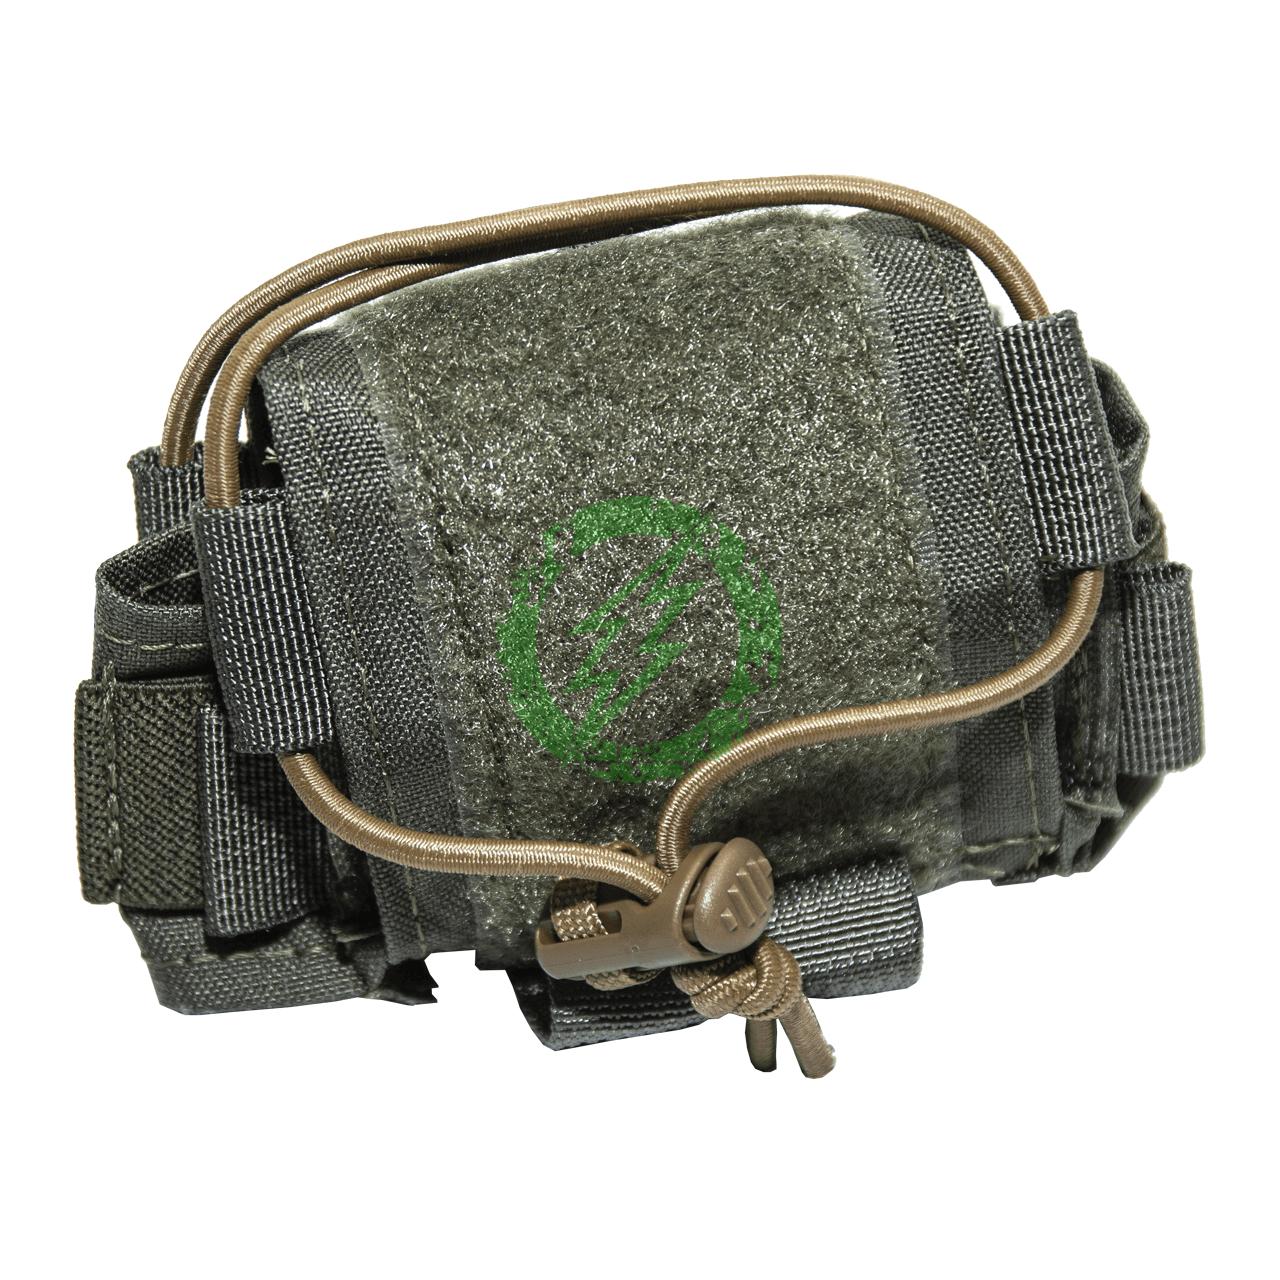 TNVC Mohawk Helmet Counterweight System MK3 Gen 2 Ranger Green